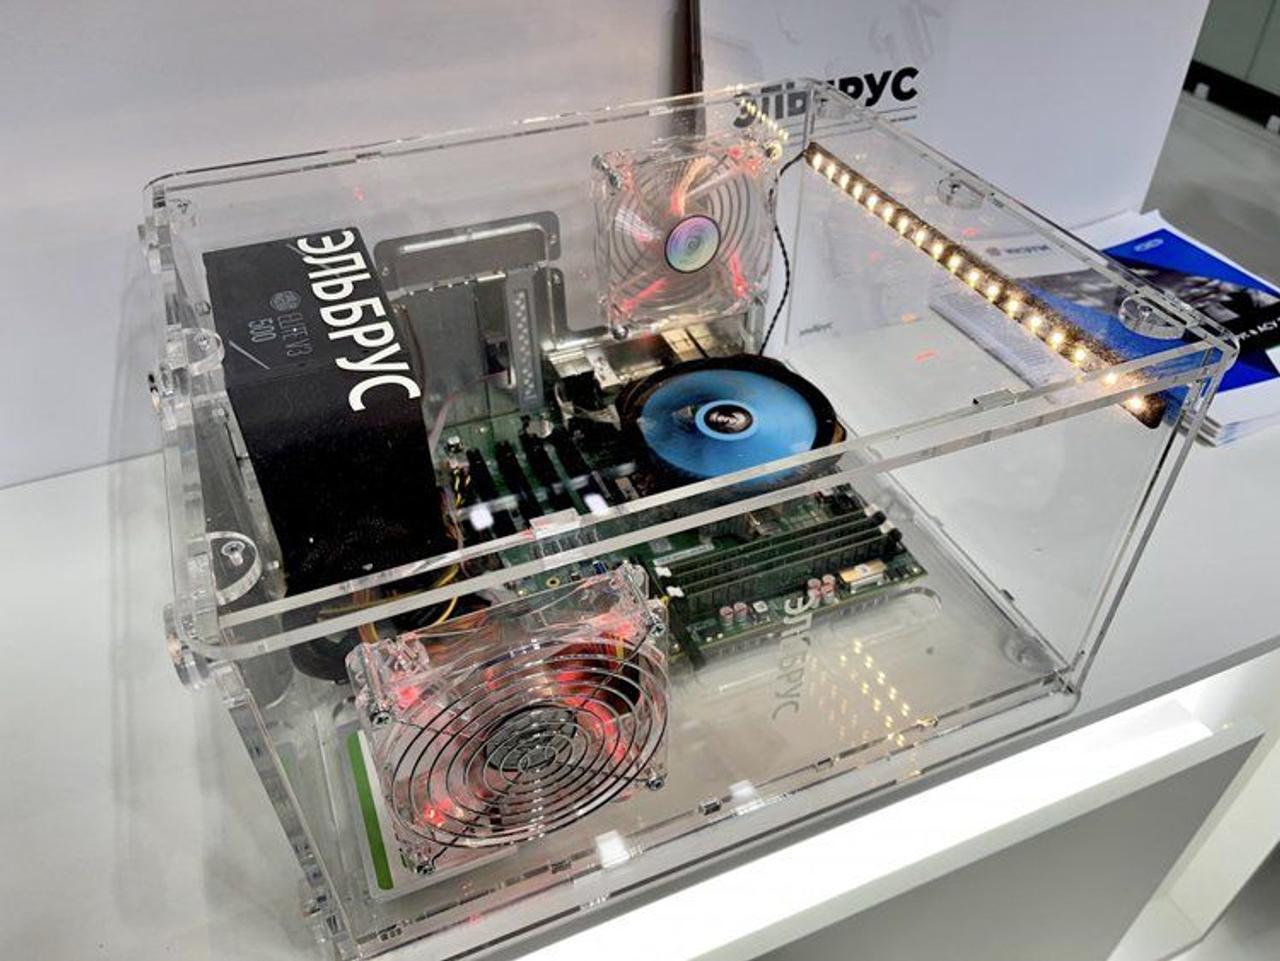 В России создали первый бюджетный компьютер на базе процессора «Эльбрус-2С3»